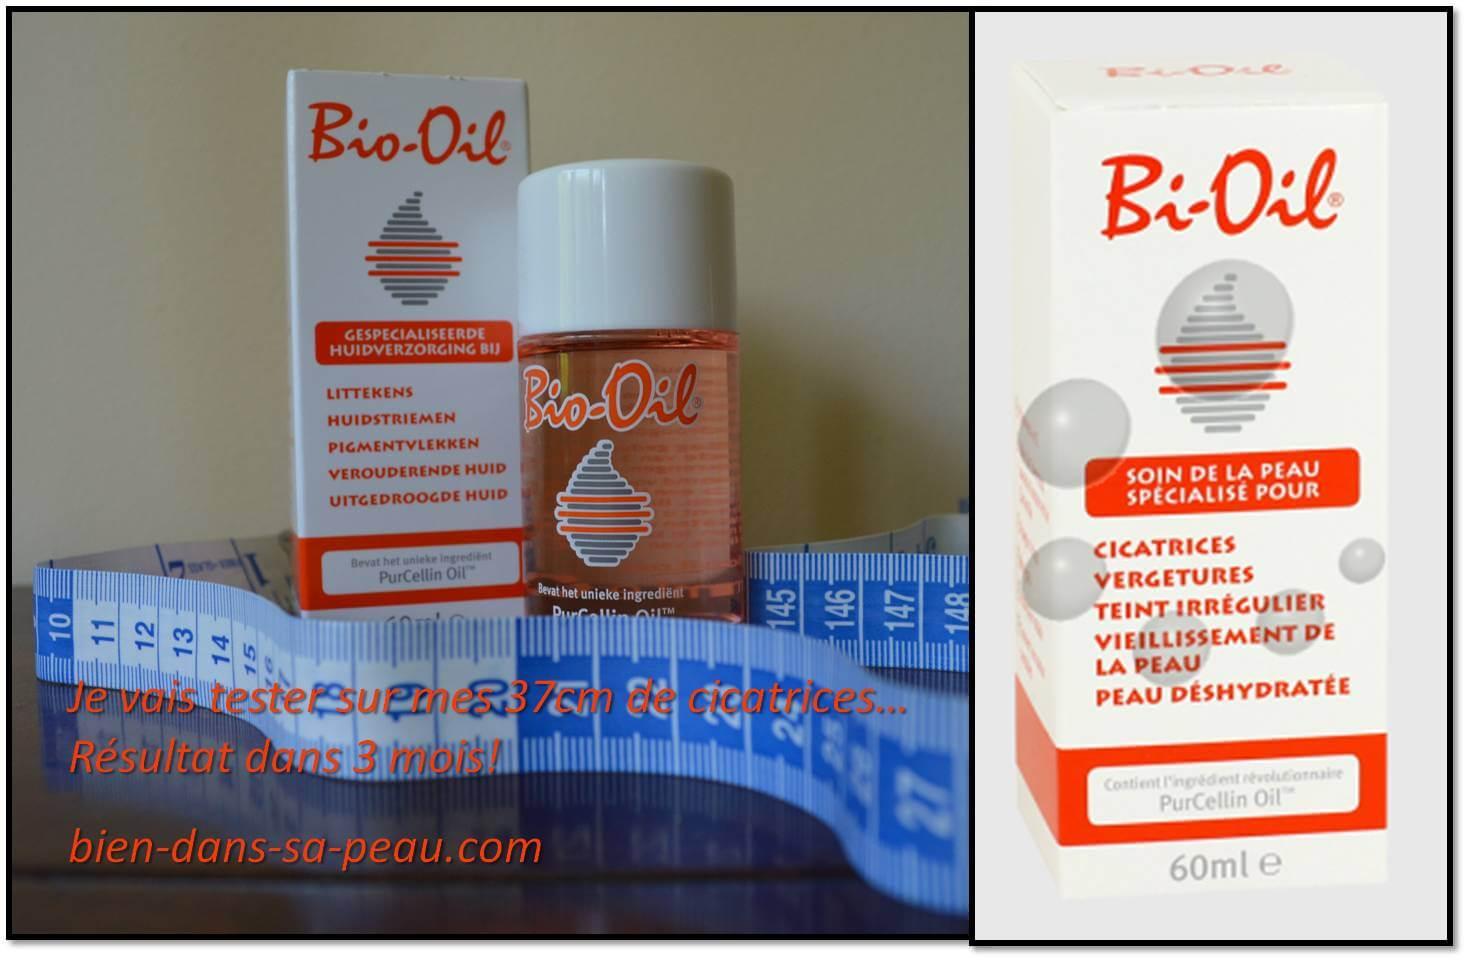 bio-oil arrivée en france